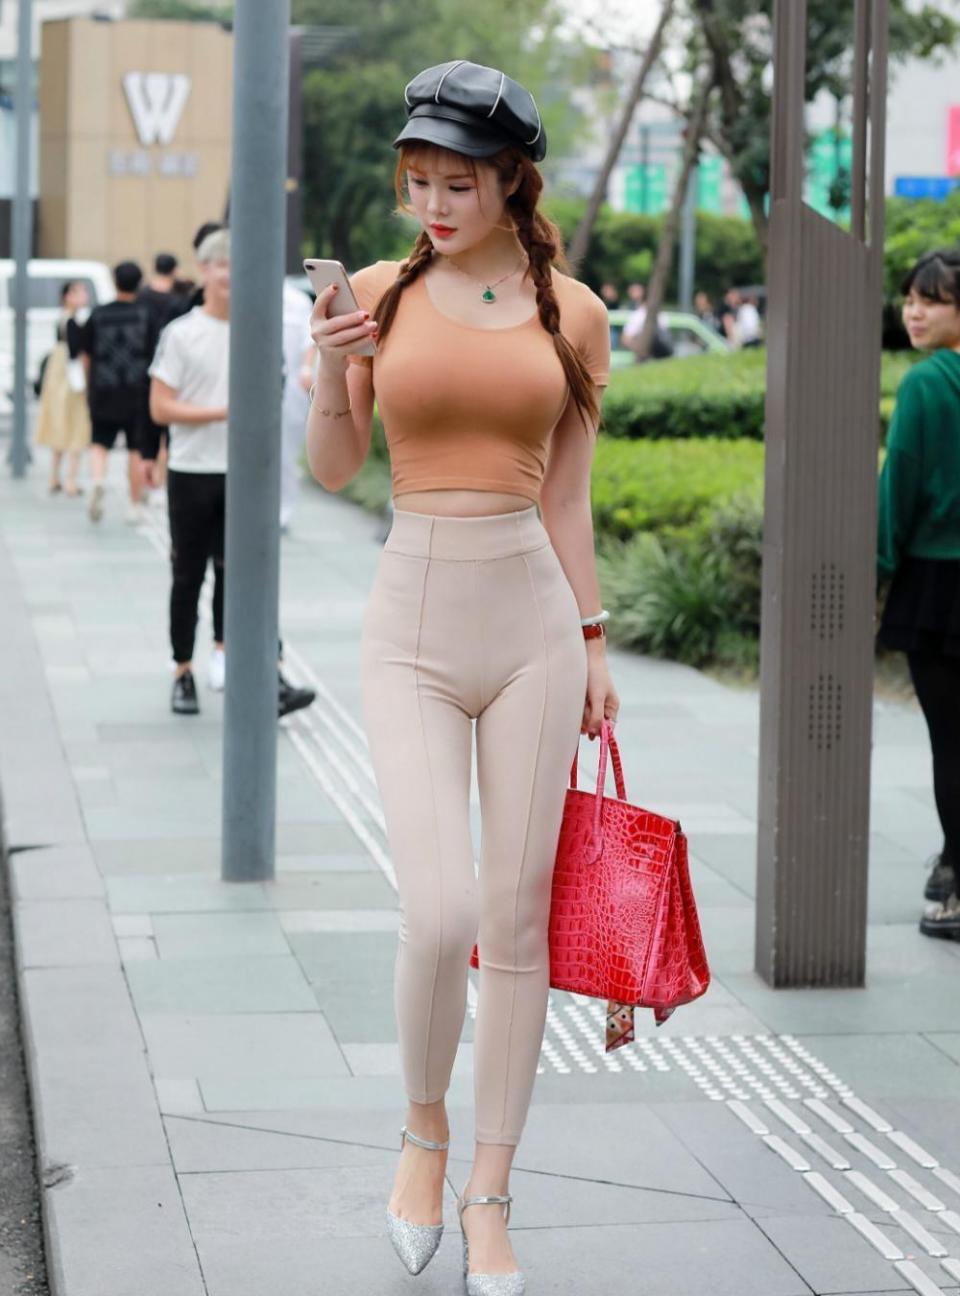 街拍: 穿着时尚紧身裤的美女, 走在大街上非常抢眼!